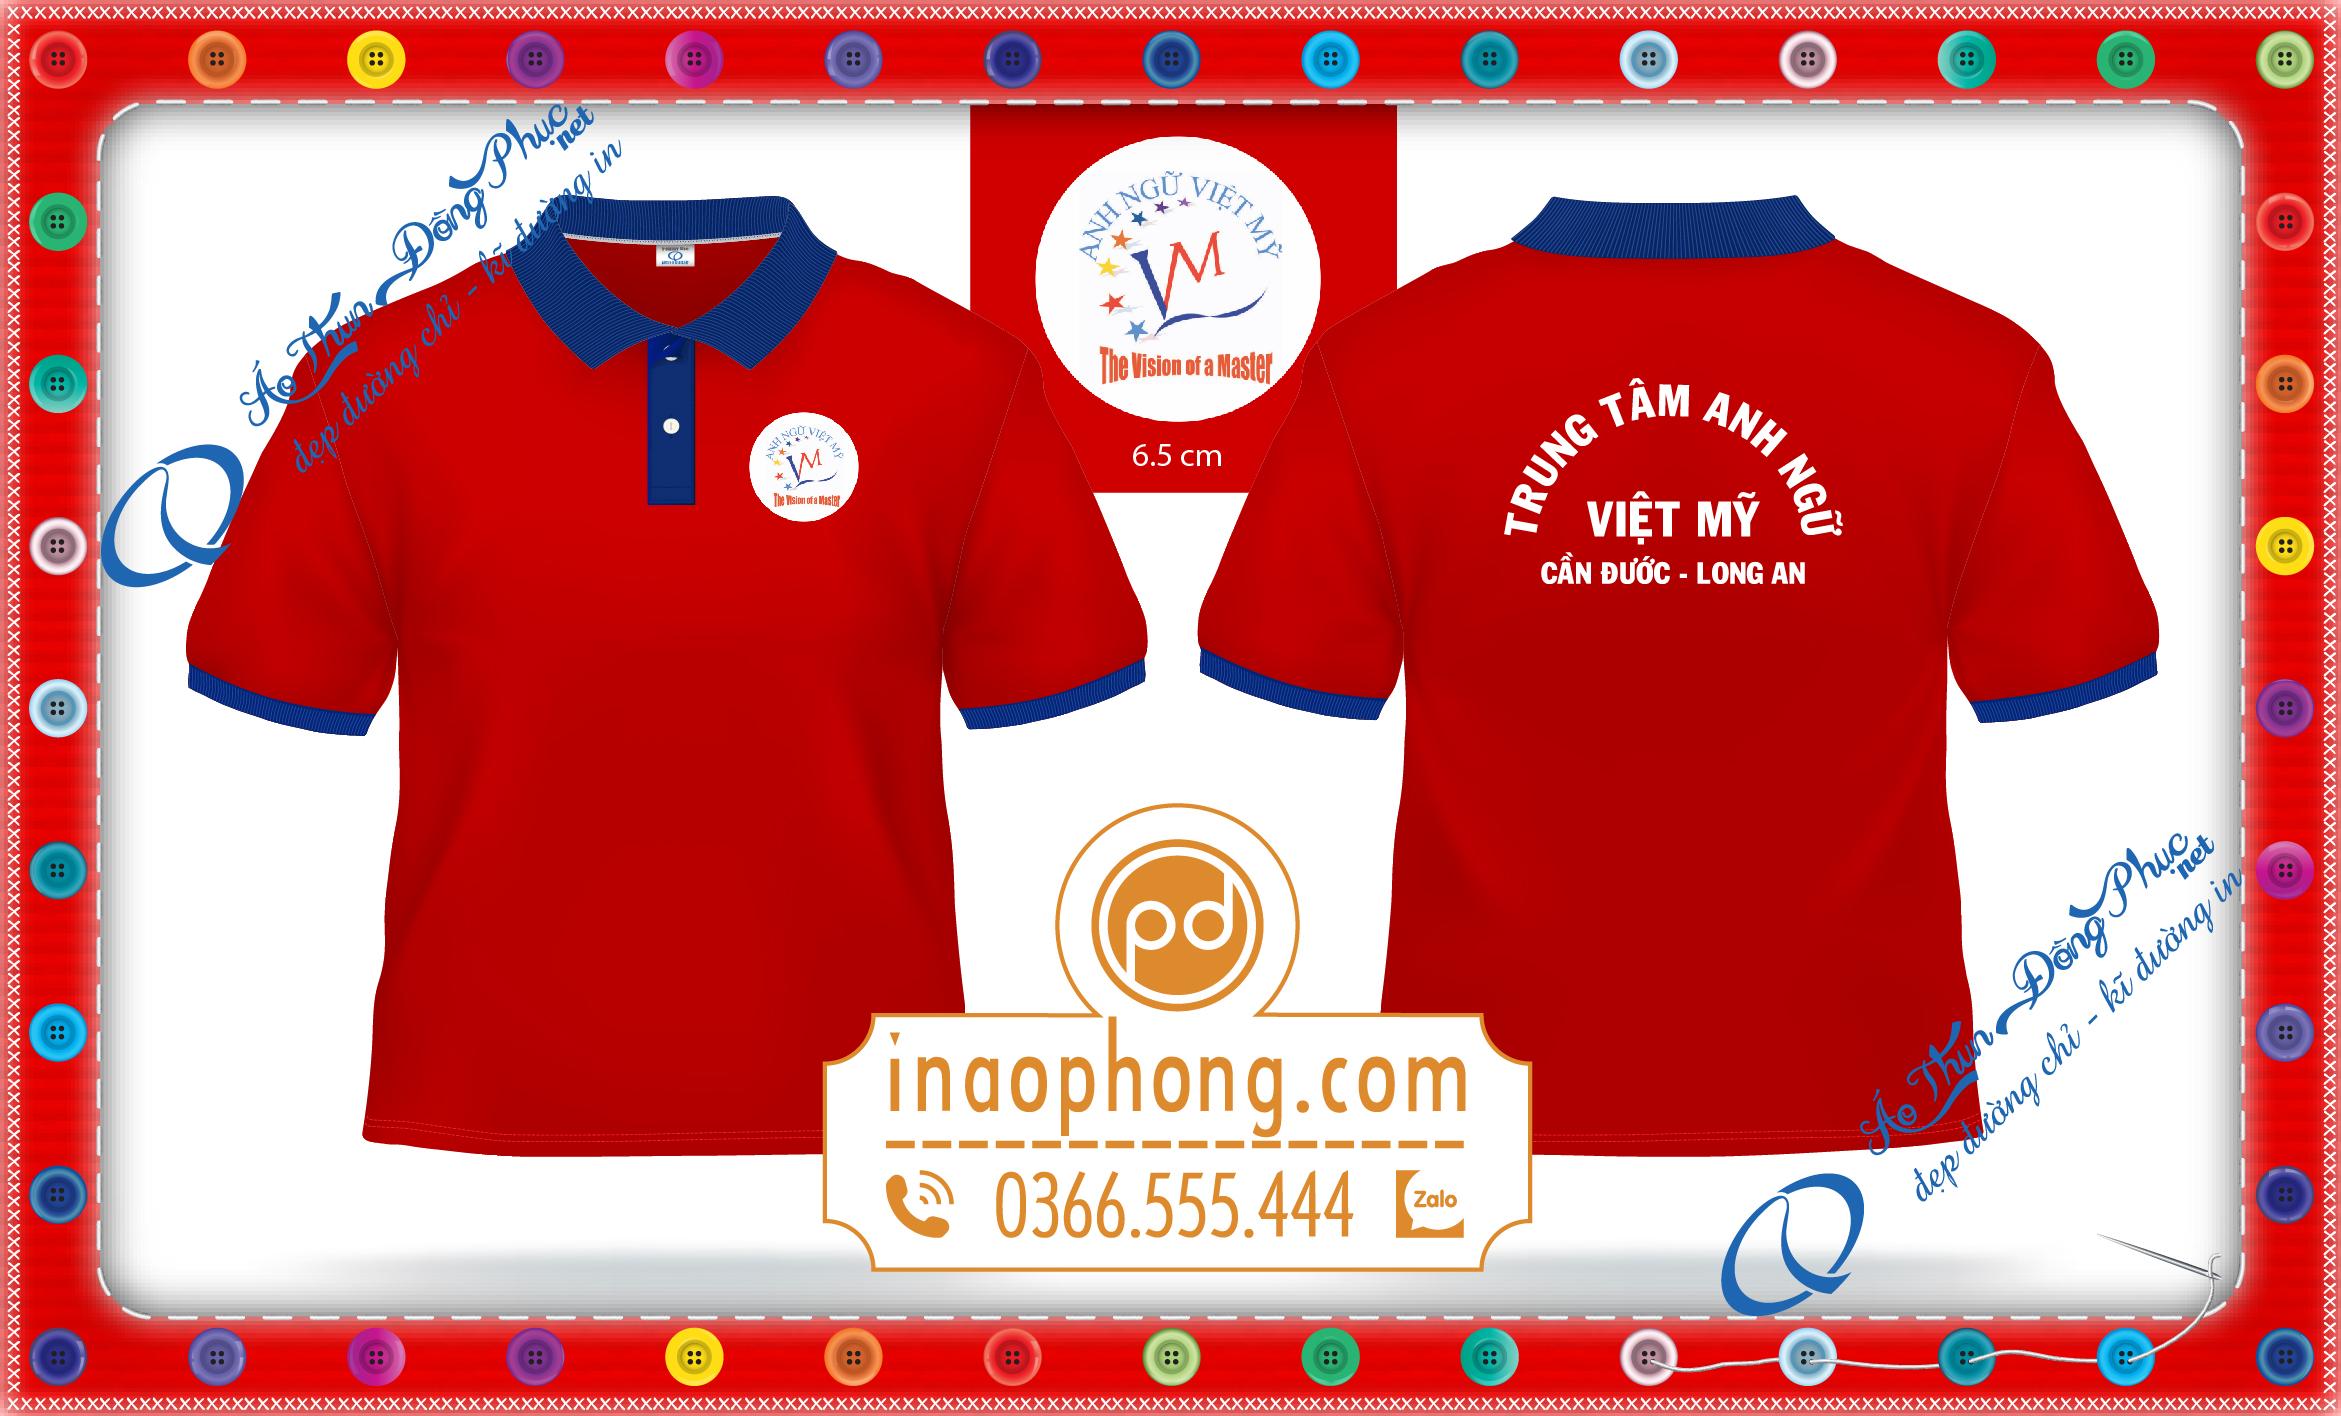 Đồng phục áo phông thể hiện thương hiệu. Rất nhiều công ty , quán ăn , quán coffee , cửa hàng thông qua những bộ đồng phục áo phông họ muốn truyền bá giới thiệu về thương hiệu của mình .